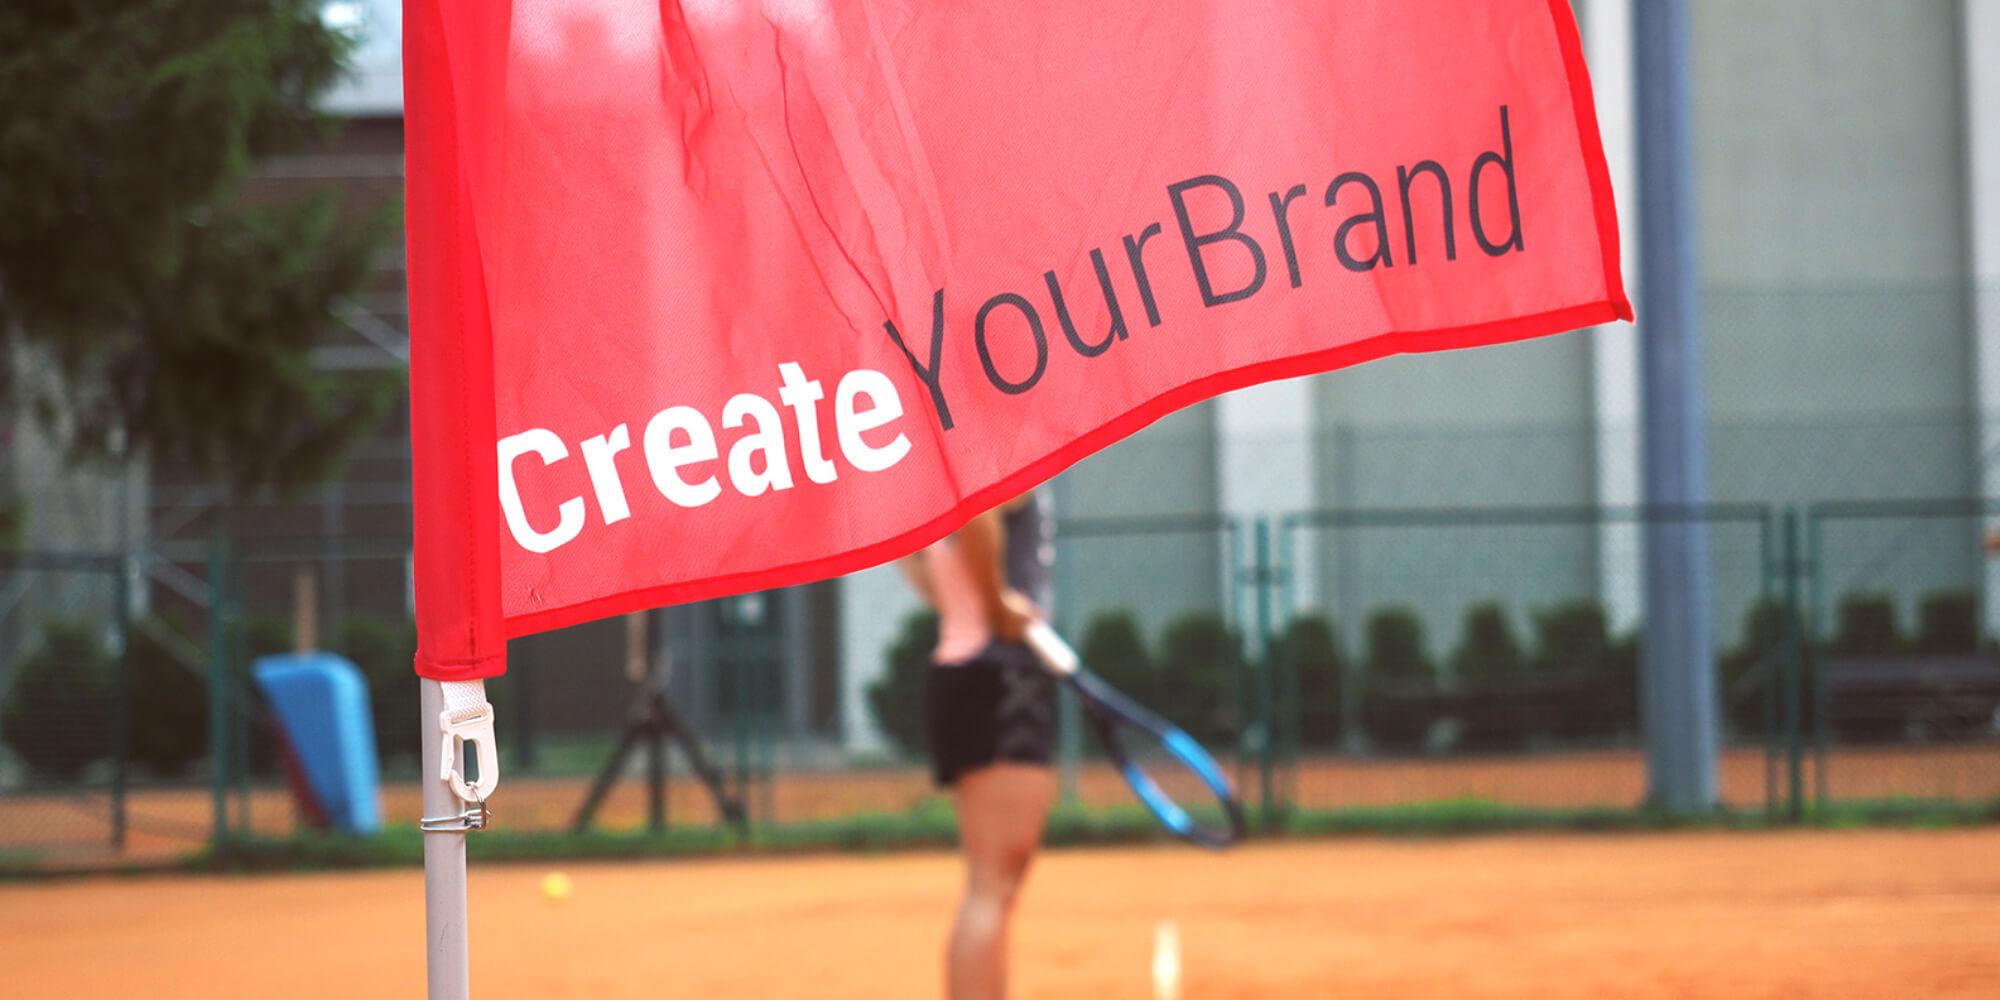 Flaga reklamowa podczas turnieju tenisowego